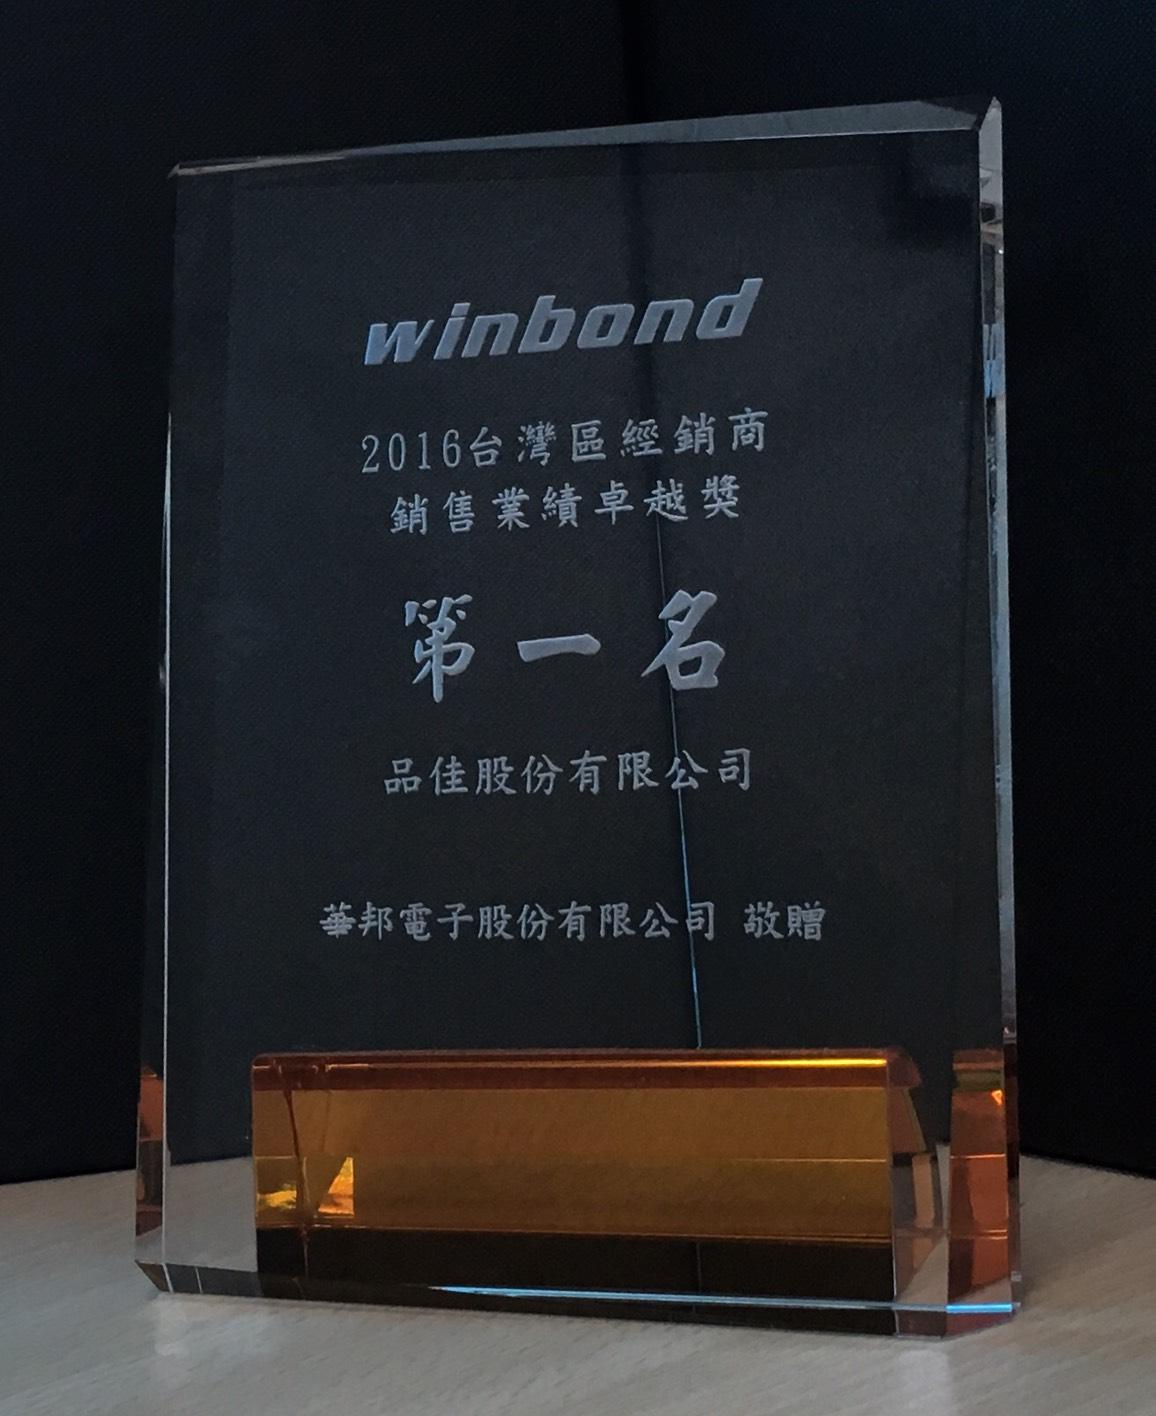 2016台湾区经销商销售业绩卓越奖 第一名